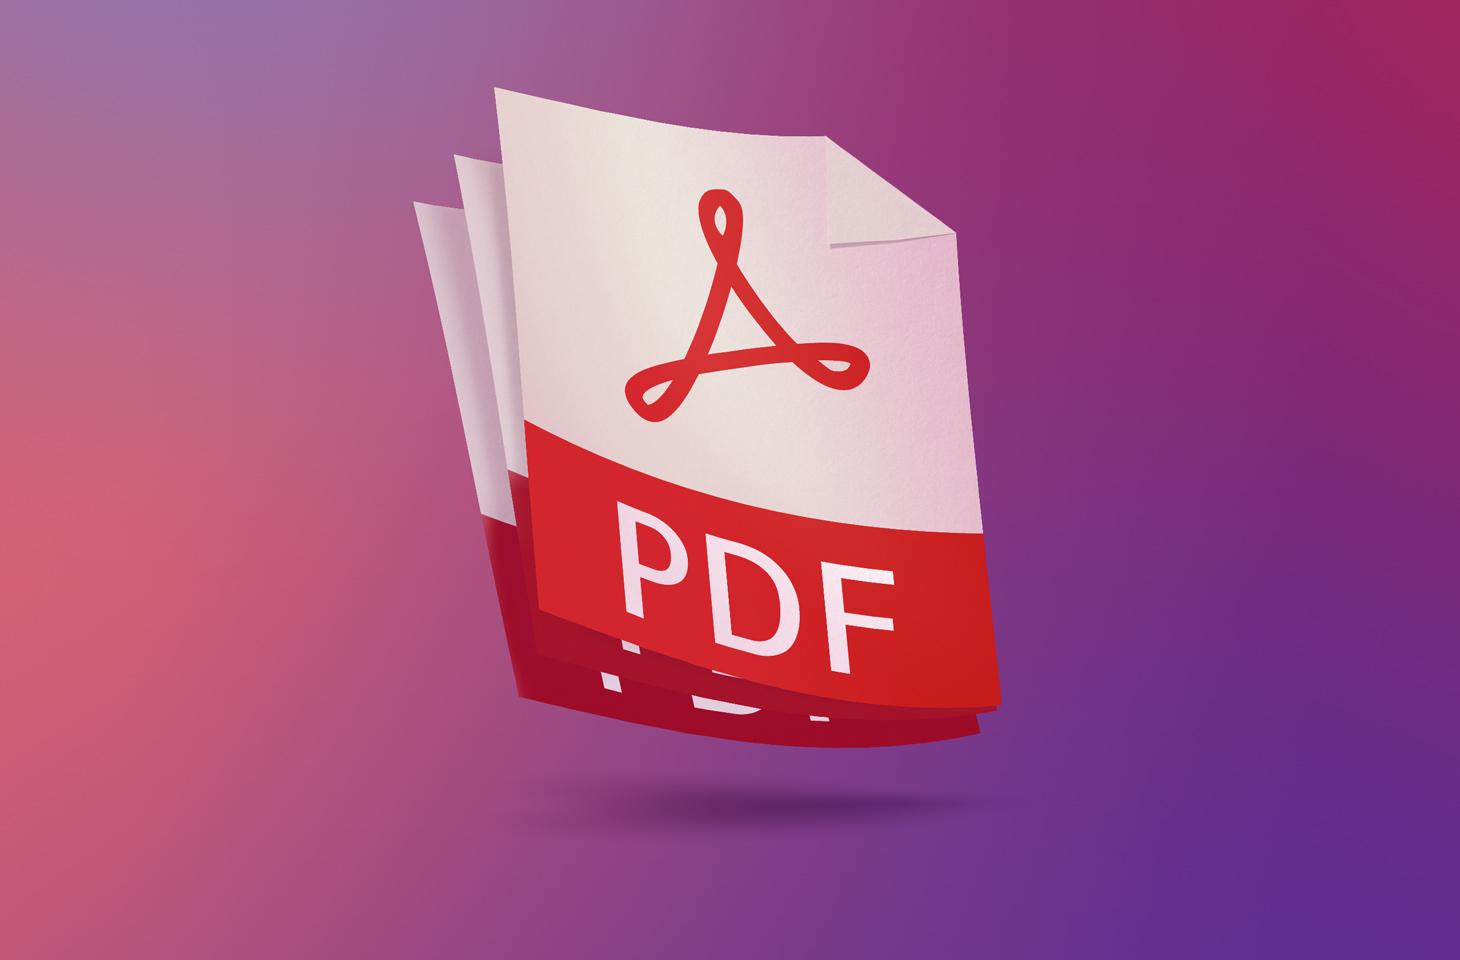 签名PDF文件真的可信吗?